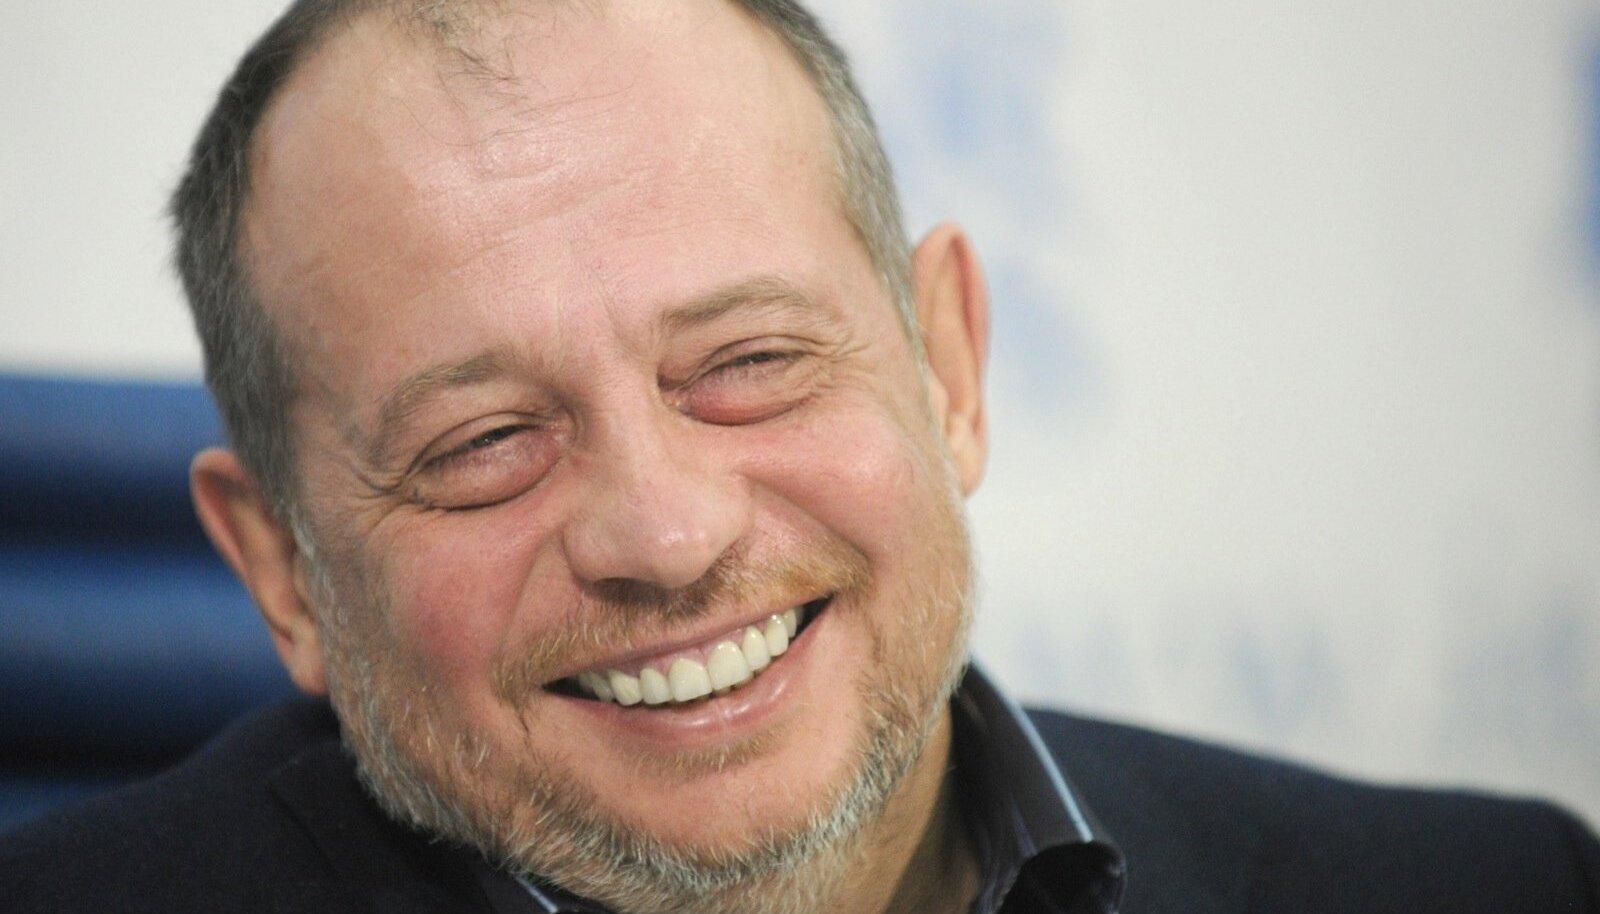 Vladimir Lissin